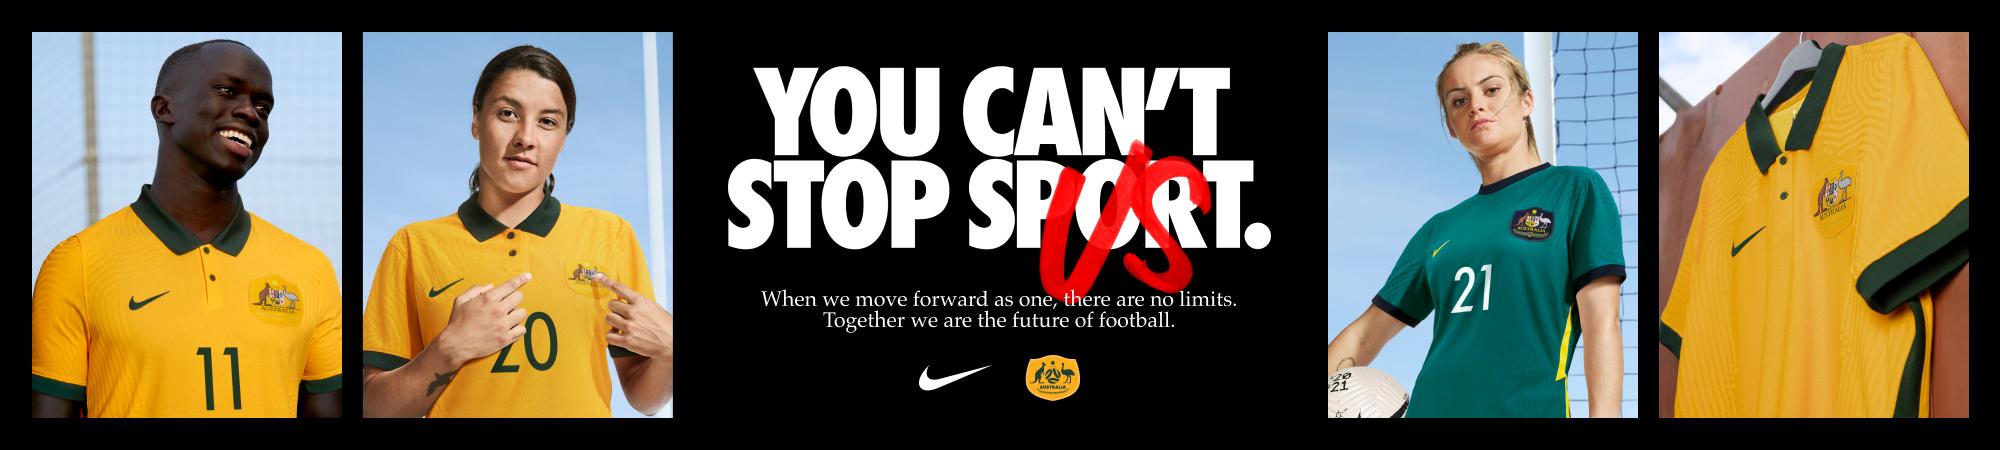 Nike Kit Banner Carousel